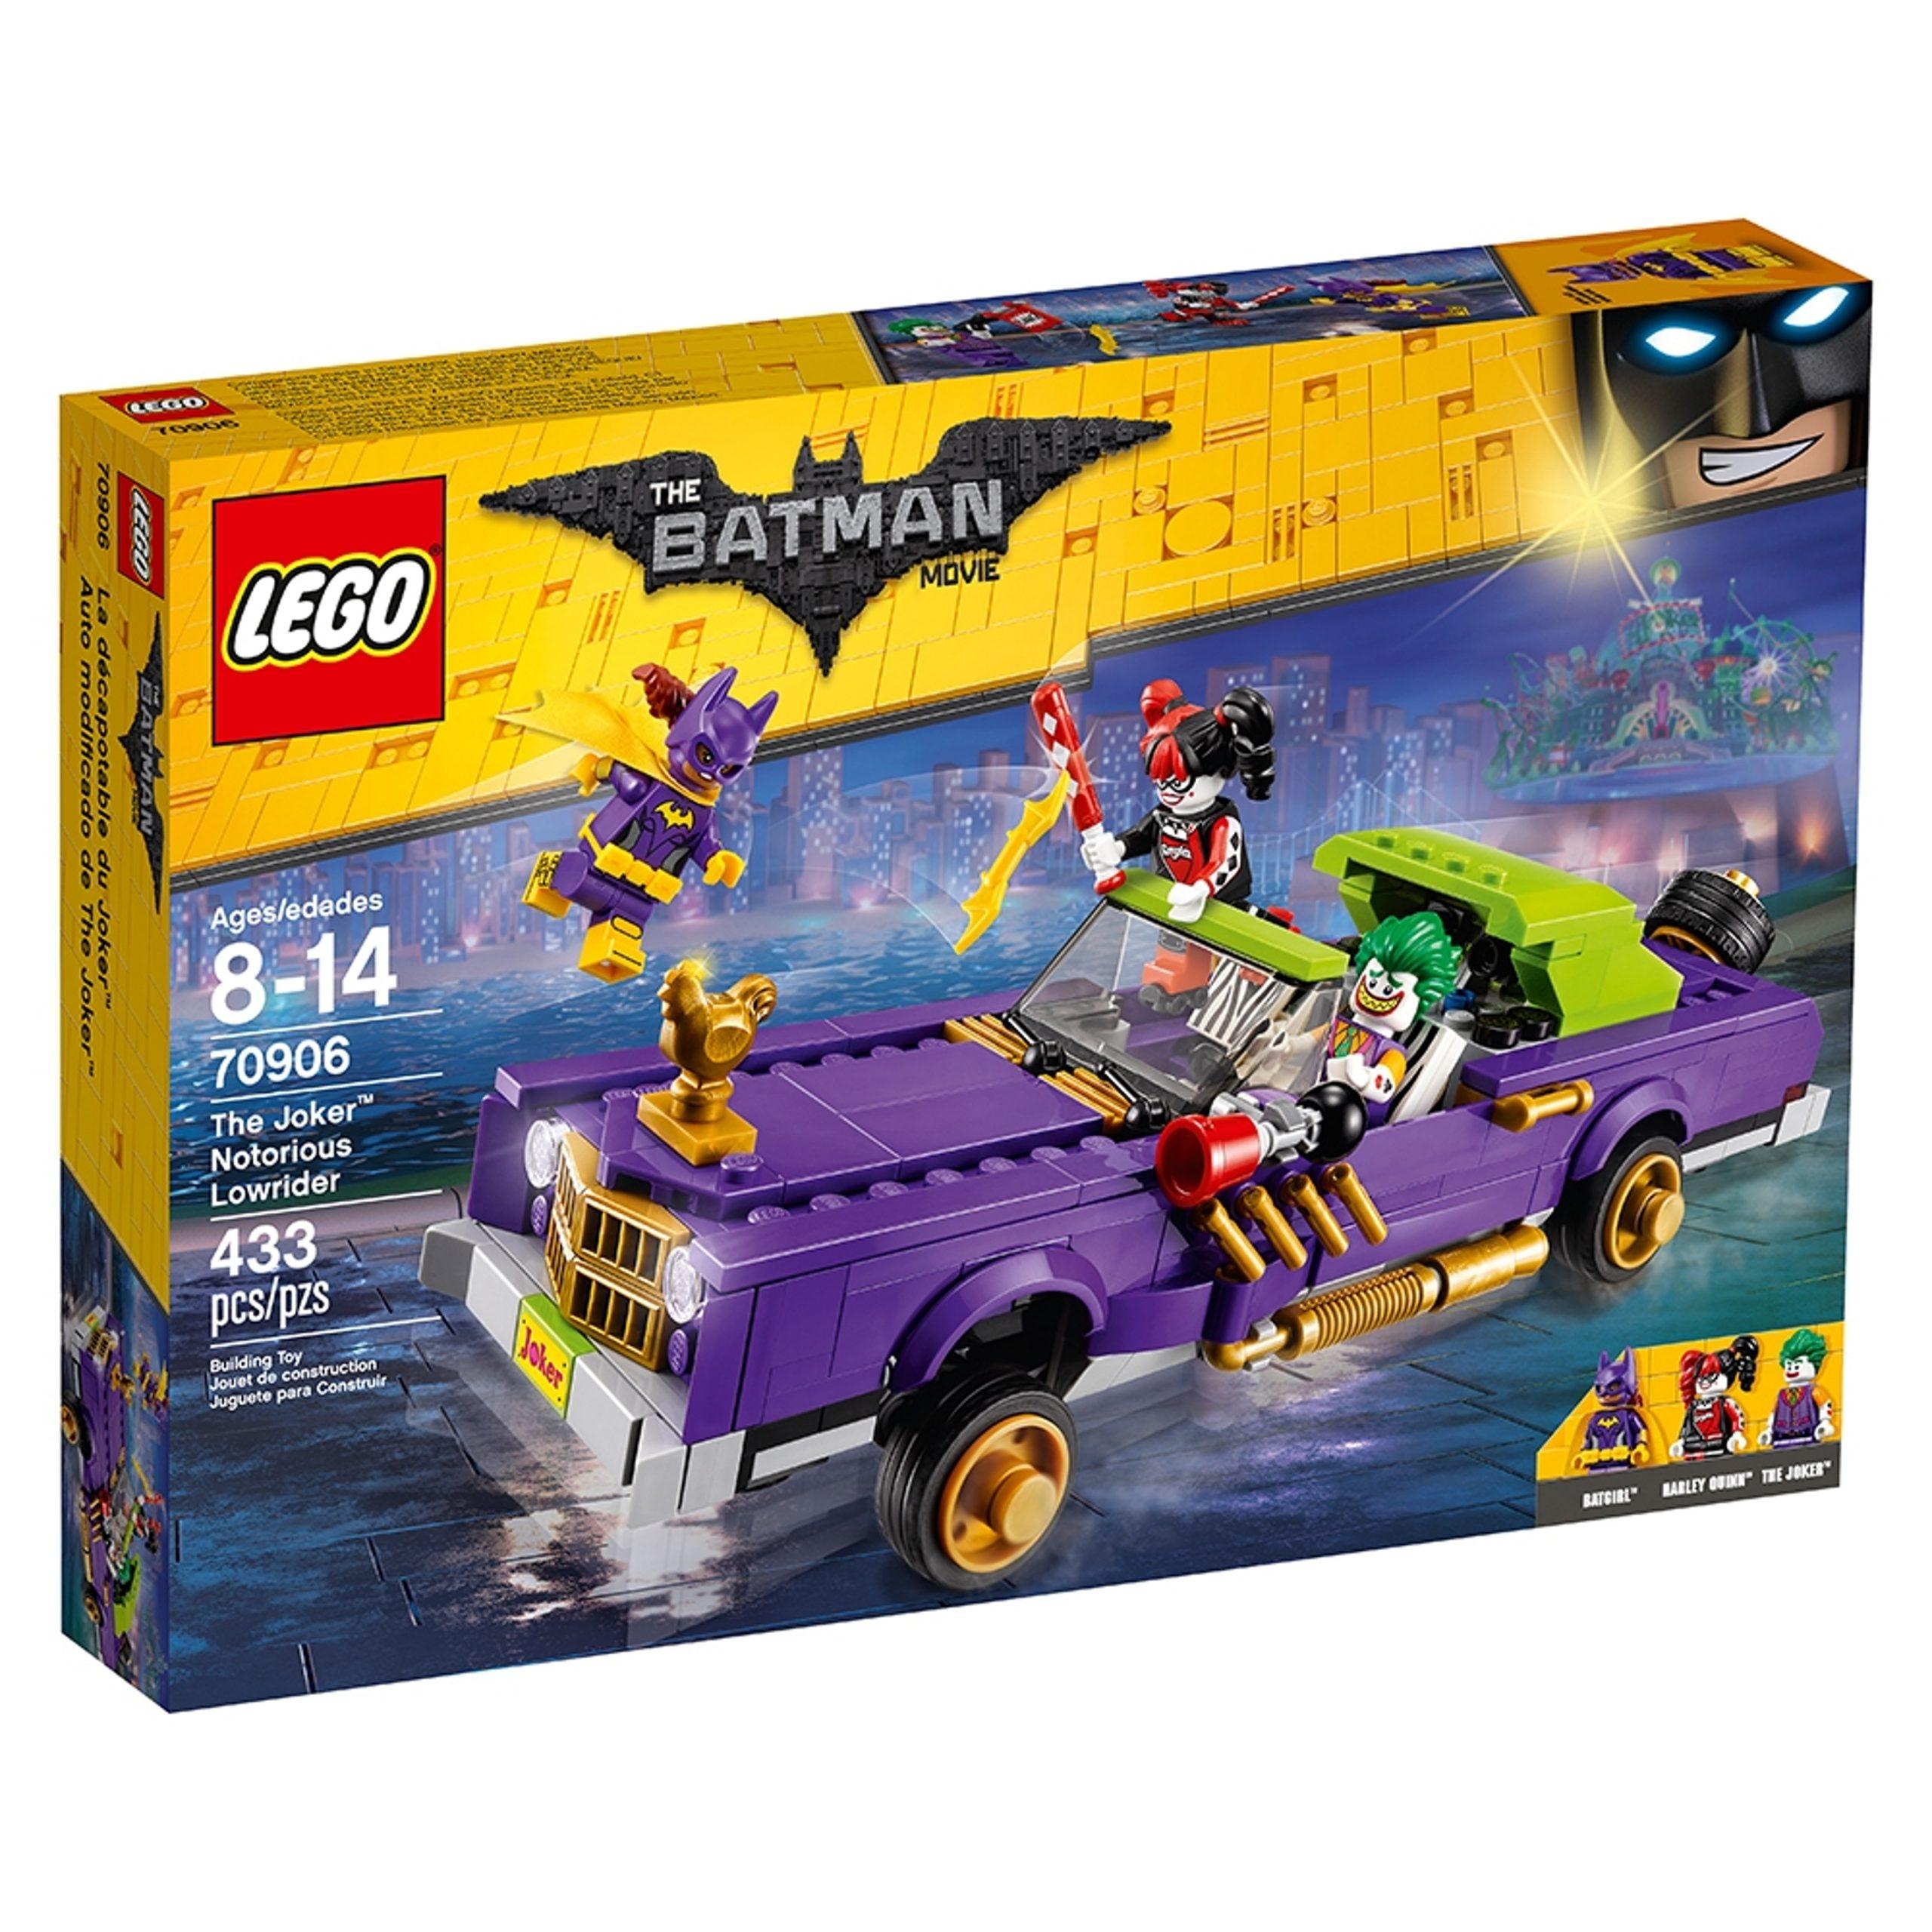 lego 70906 la famigerata lowrider di the joker scaled